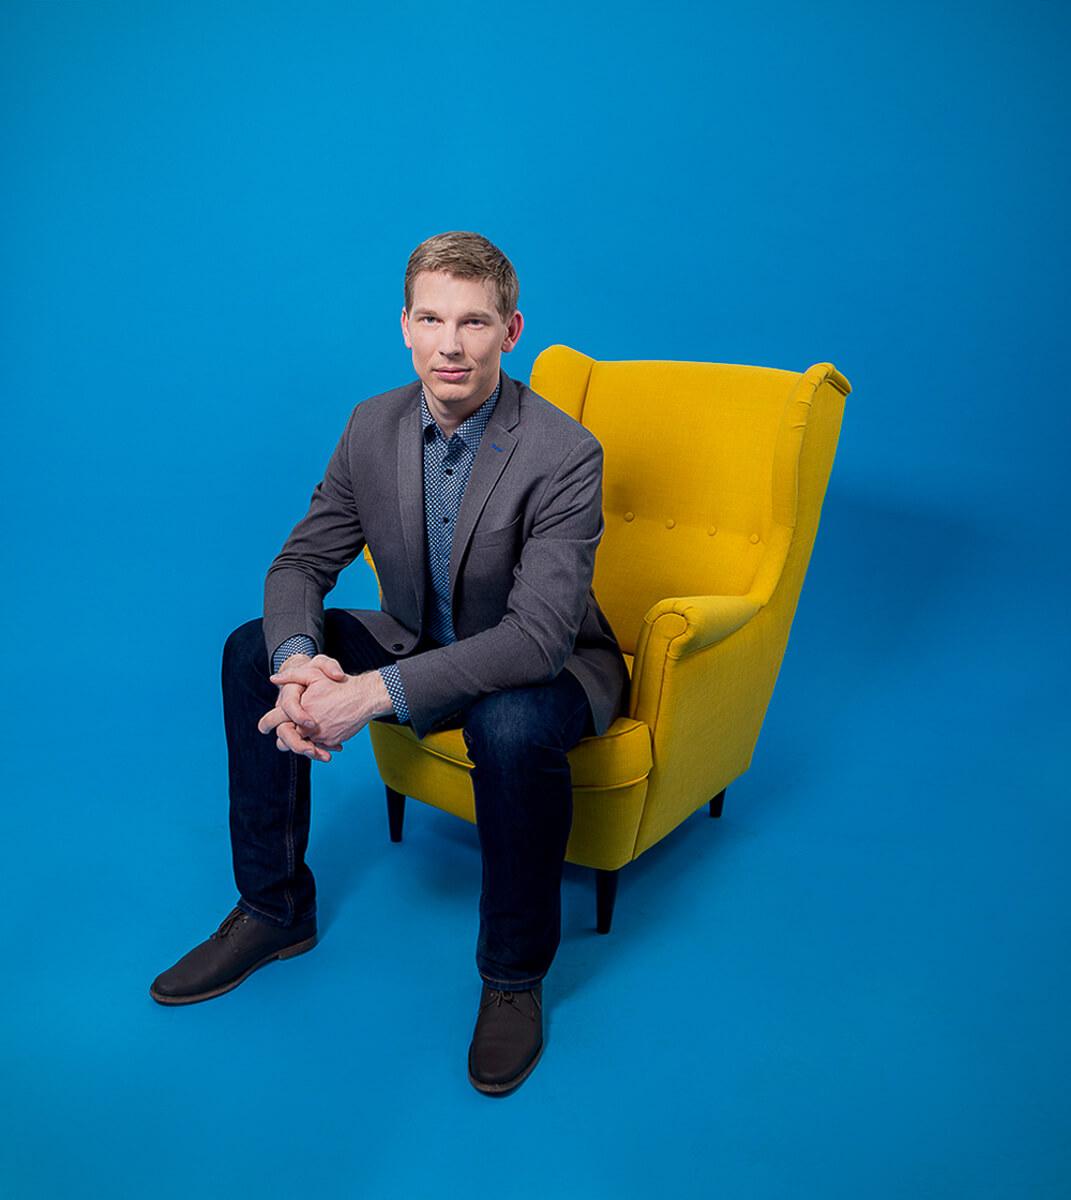 Üzleti portréfotózás során készített fotó Hampuk Richárdról.